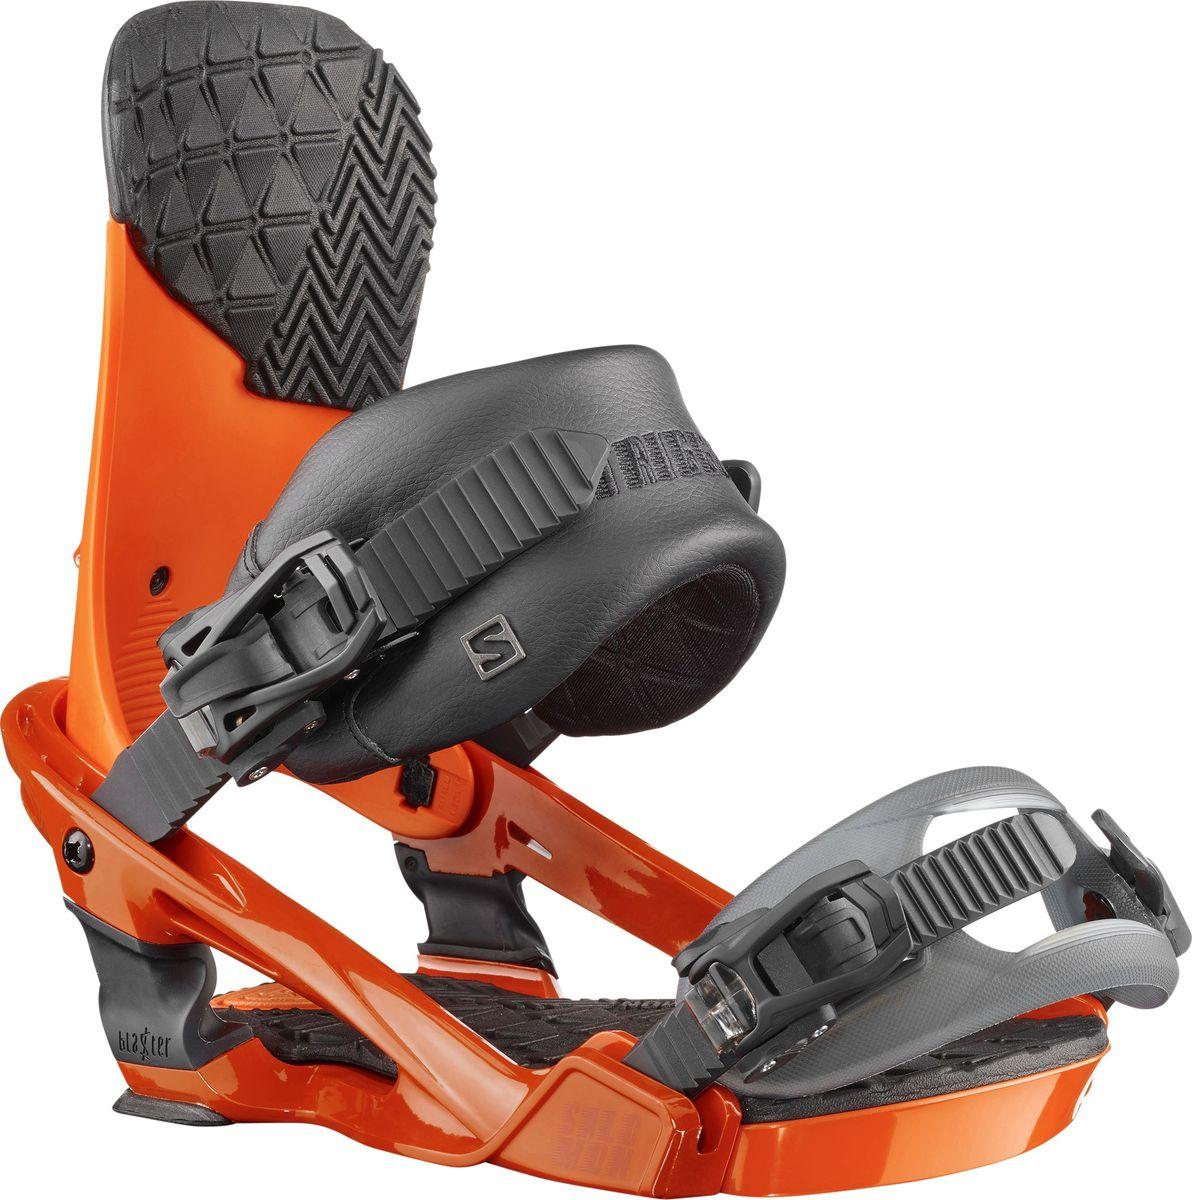 Крепление для сноуборда Salomon Trigger, цвет: оранжевый. Размер ML39836300Абсолютно новые крепления для сноуборда Salomon Trigger средней жесткости, разработанные специально для Криса Гренье, отлично подойдут для фристайла и катания в пайпе. Технология Blaster Tech — интуитивное соединение Freestyle Jib, выполняющее роль динамической подвески, поглощает удары, выравнивает катание и обеспечивает лучшую боковую подвижность. Крепления имеют чемпионскую анатомию и самые необходимые характеристики: новую базу Blaster, стрепы 3D Prime и Lock-In Deluxe Toe, и минималистичный хайбек.